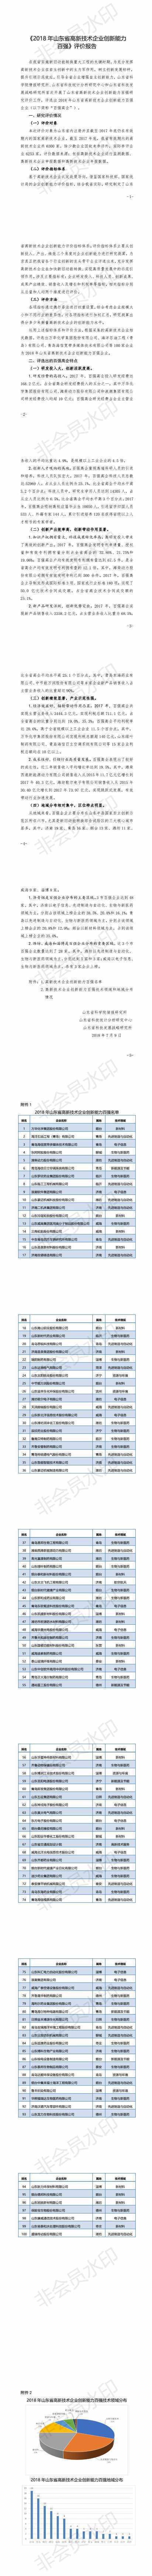 东营一家企业上榜山东省高新技术企业创新能力100强